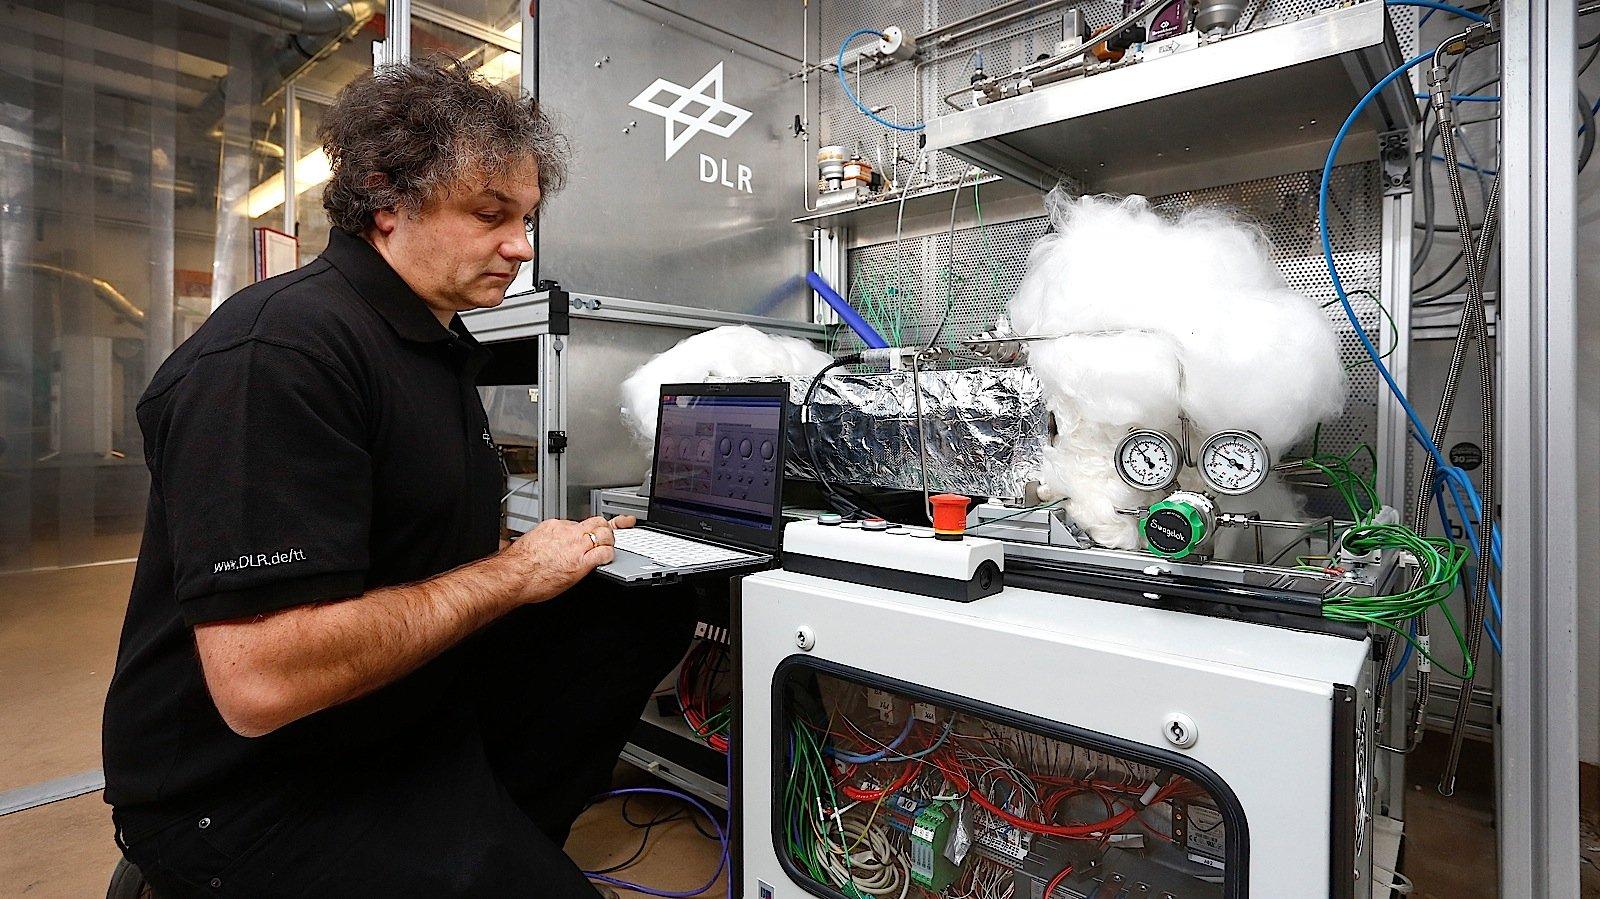 Der Wasserstoff-Tank ist mit Feststoffen gefüllt, die das flüchtige Gas wie ein Schwamm aufsaugen und damit besser im Tank halten.